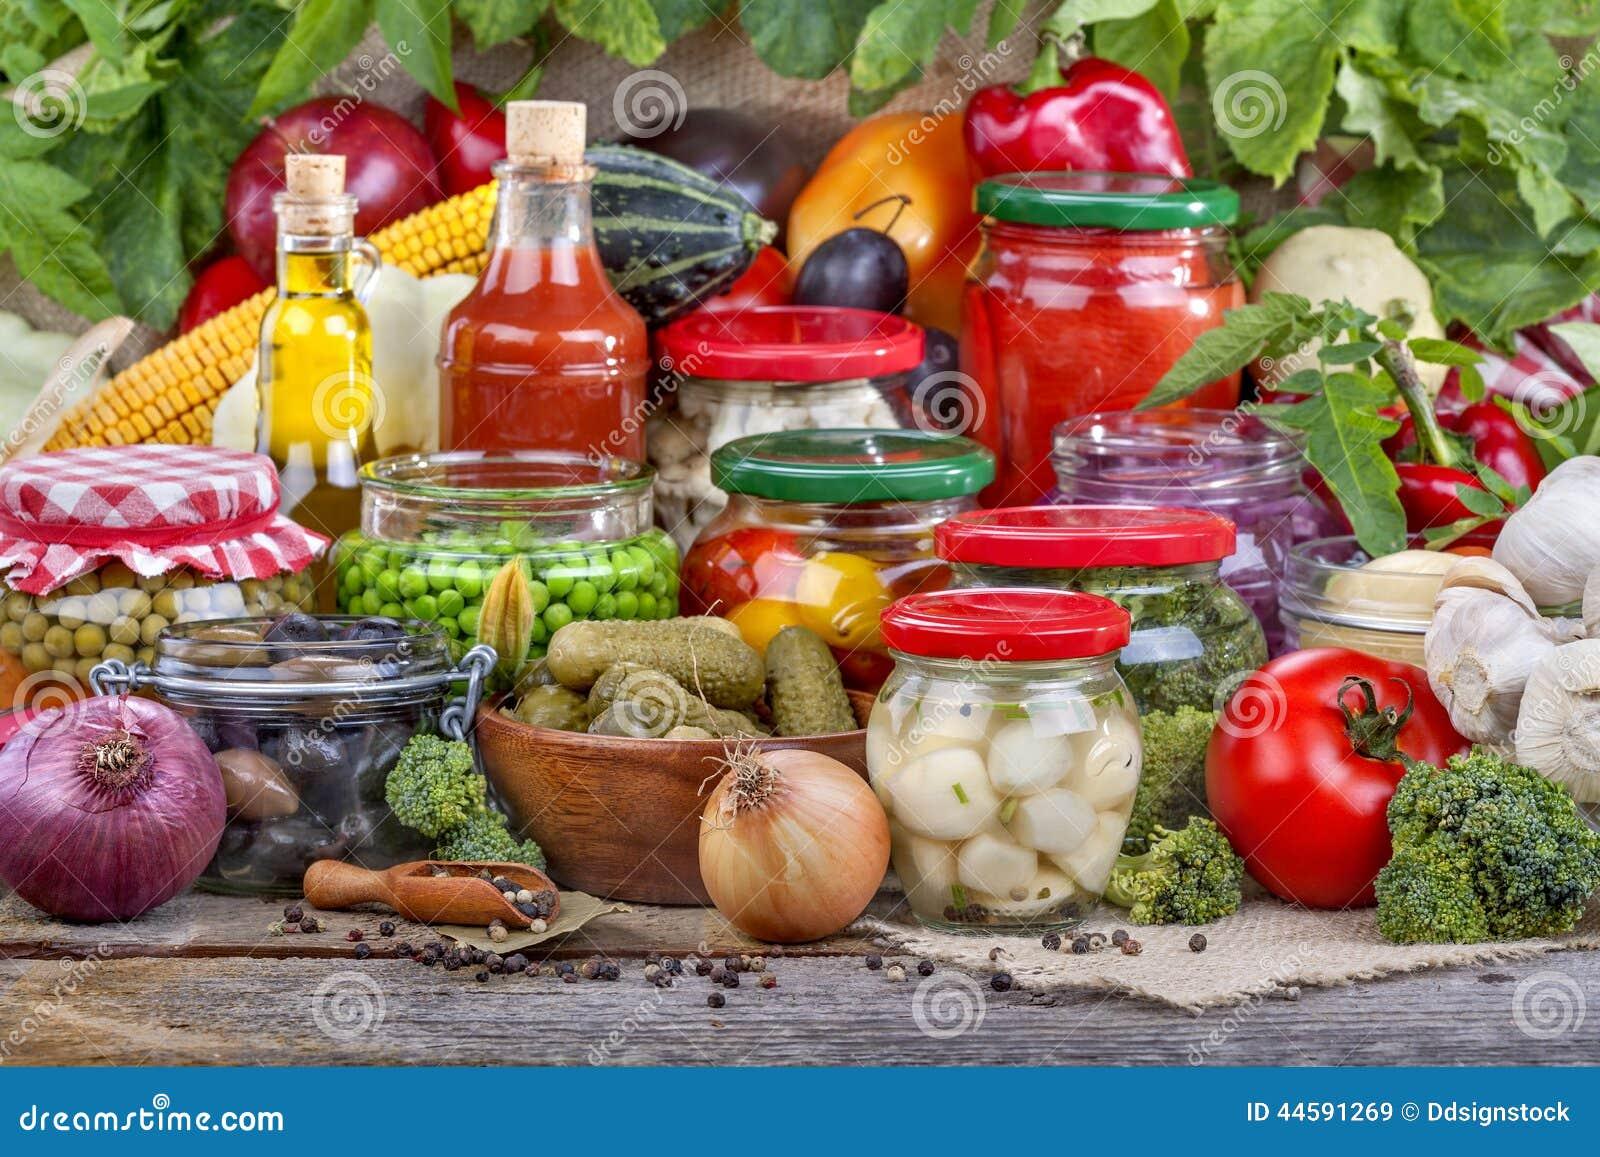 Bewahrung von Obst und Gemüse von